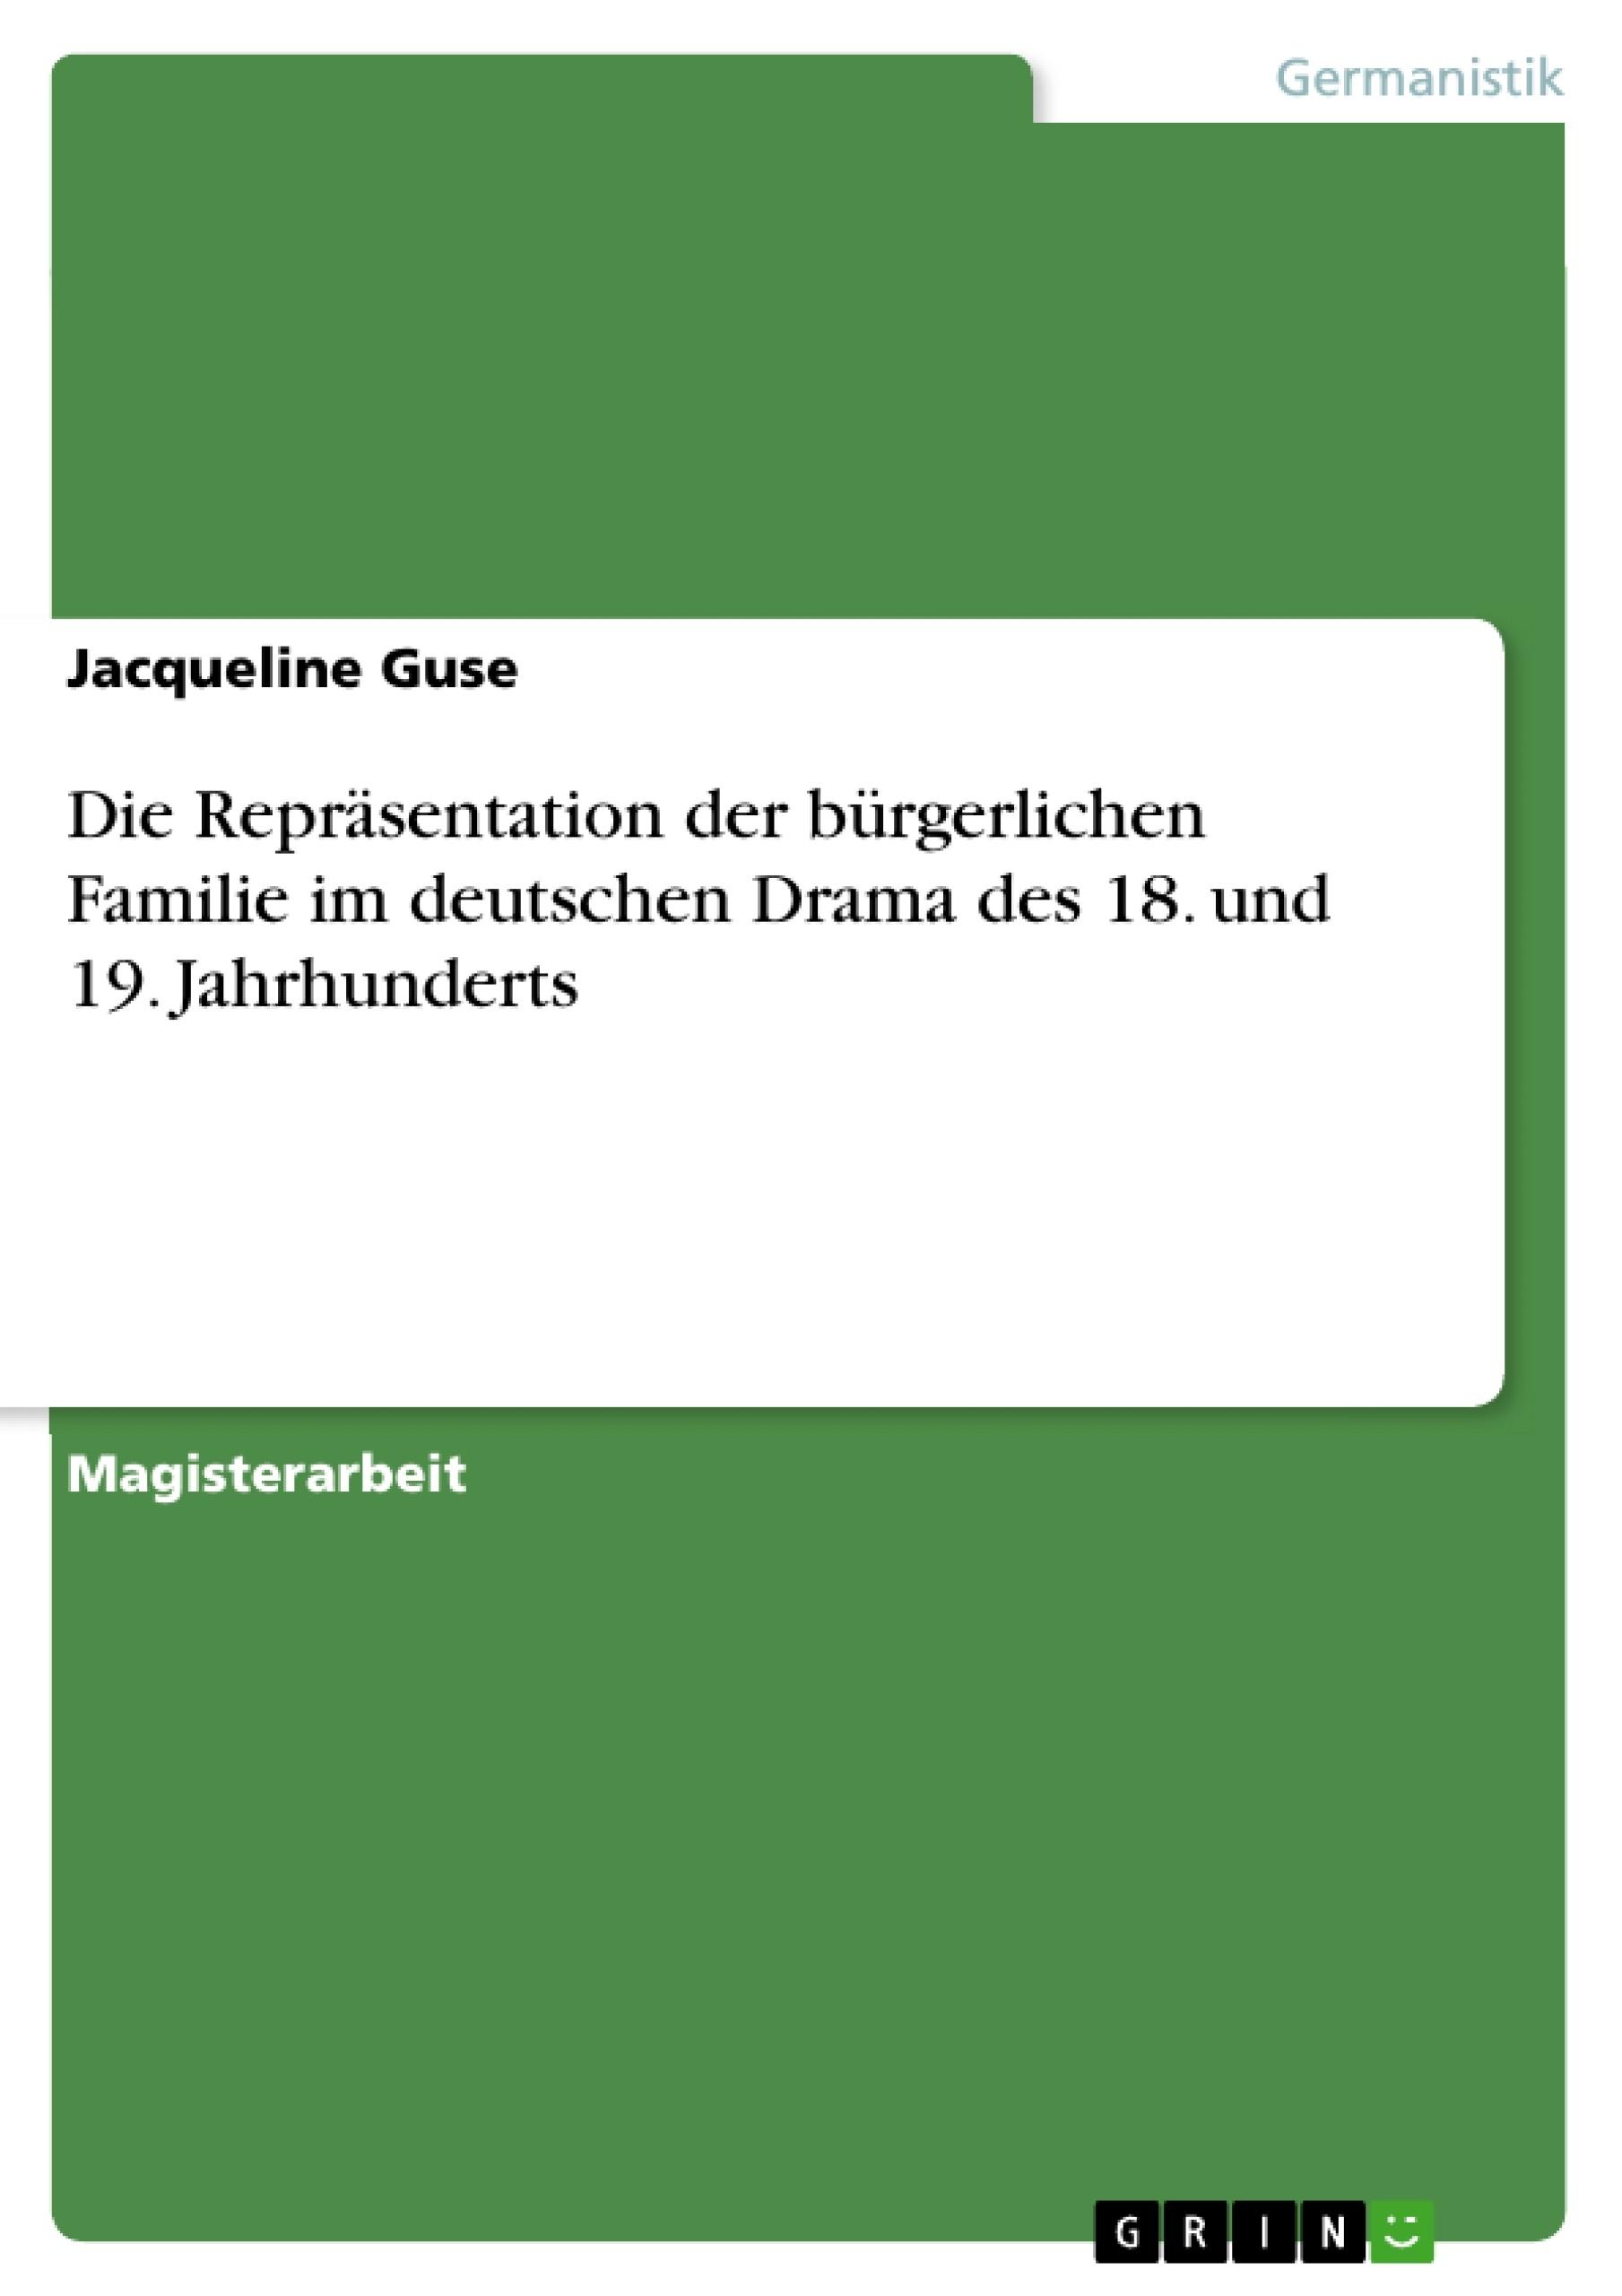 Titel: Die Repräsentation der bürgerlichen Familie im deutschen Drama des 18. und 19. Jahrhunderts